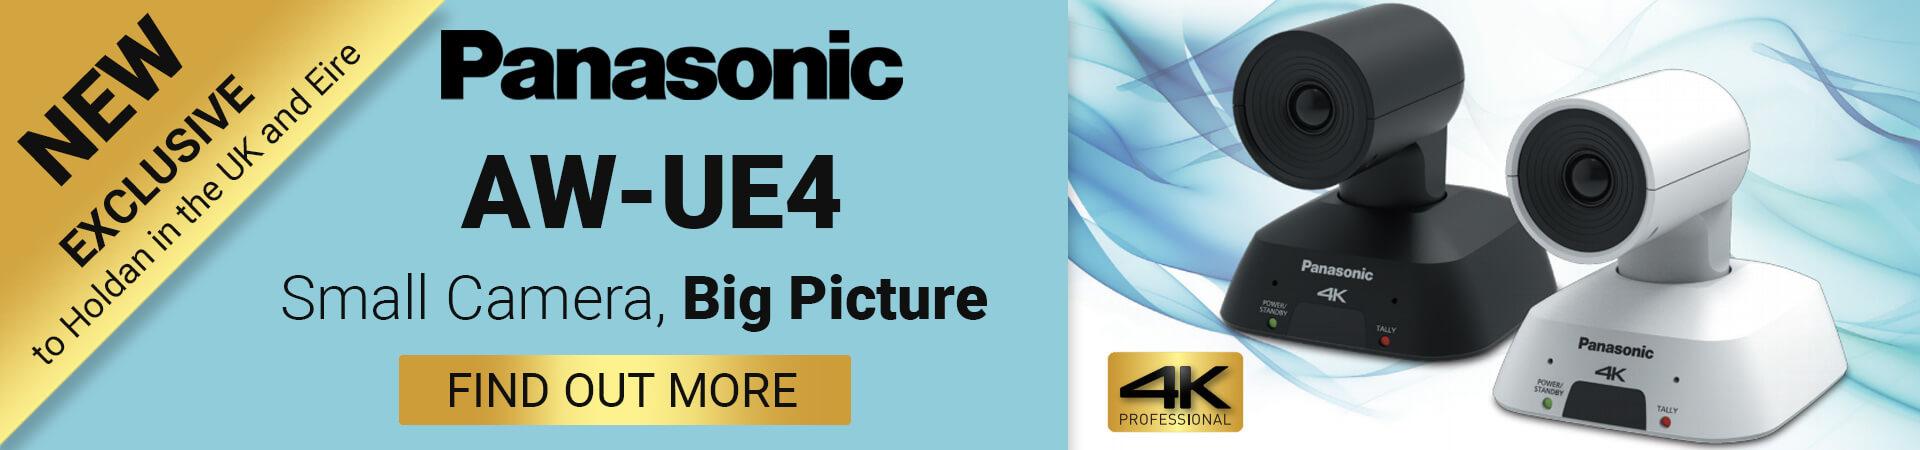 Panasonic UE4